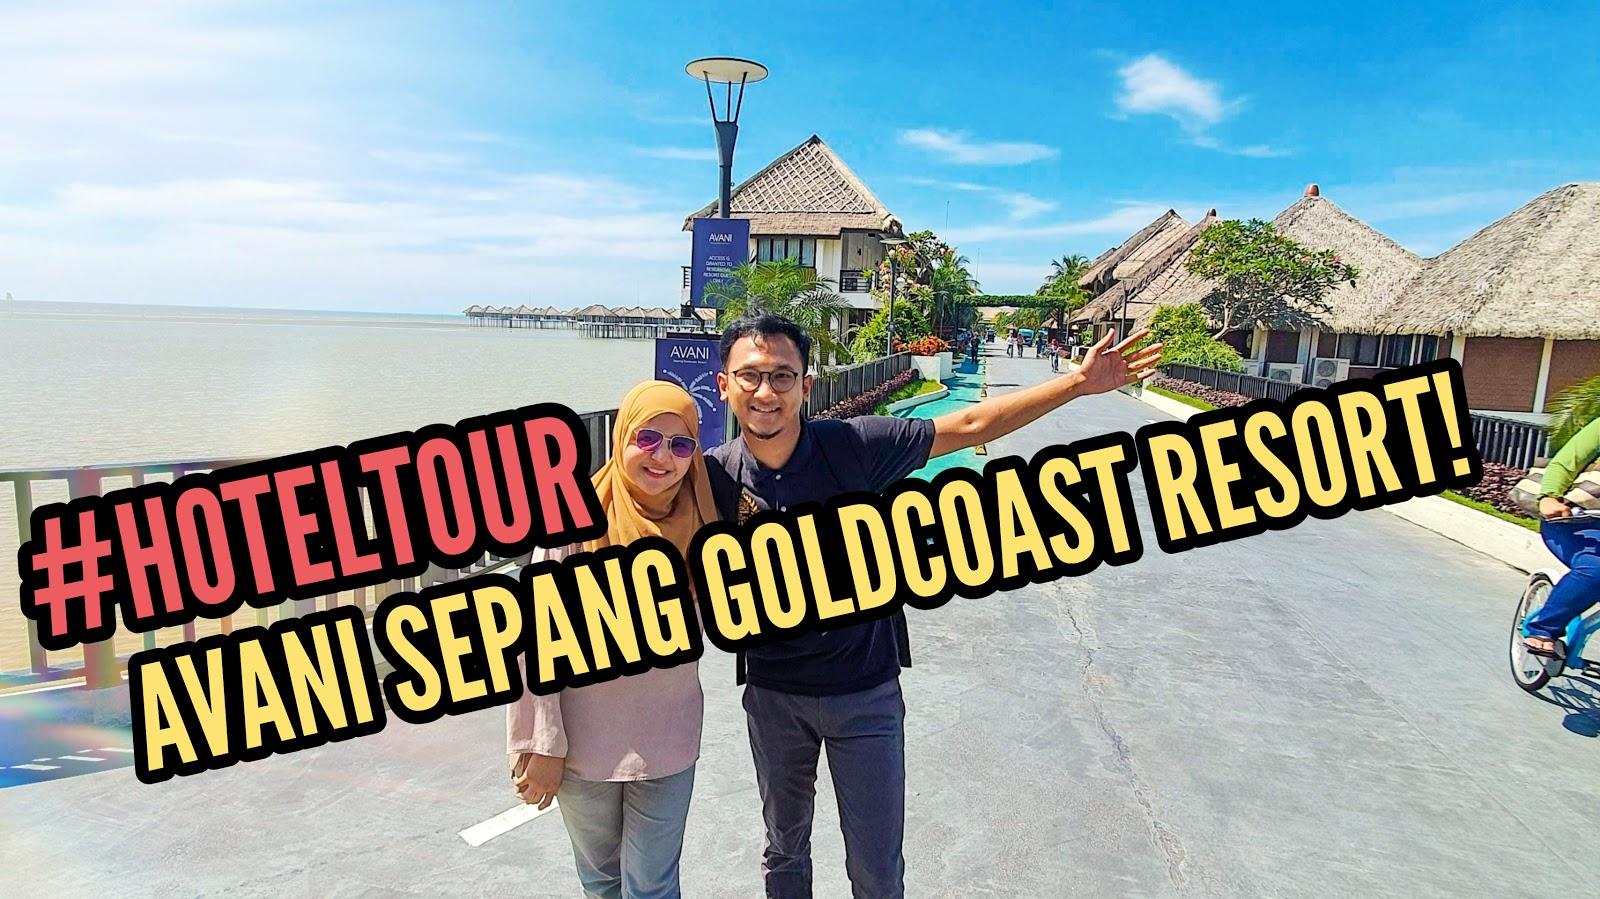 Hotel Tour #5 : Pengalaman Menginap Di Hotel Mewah Avani Sepang Goldcoast Resort!